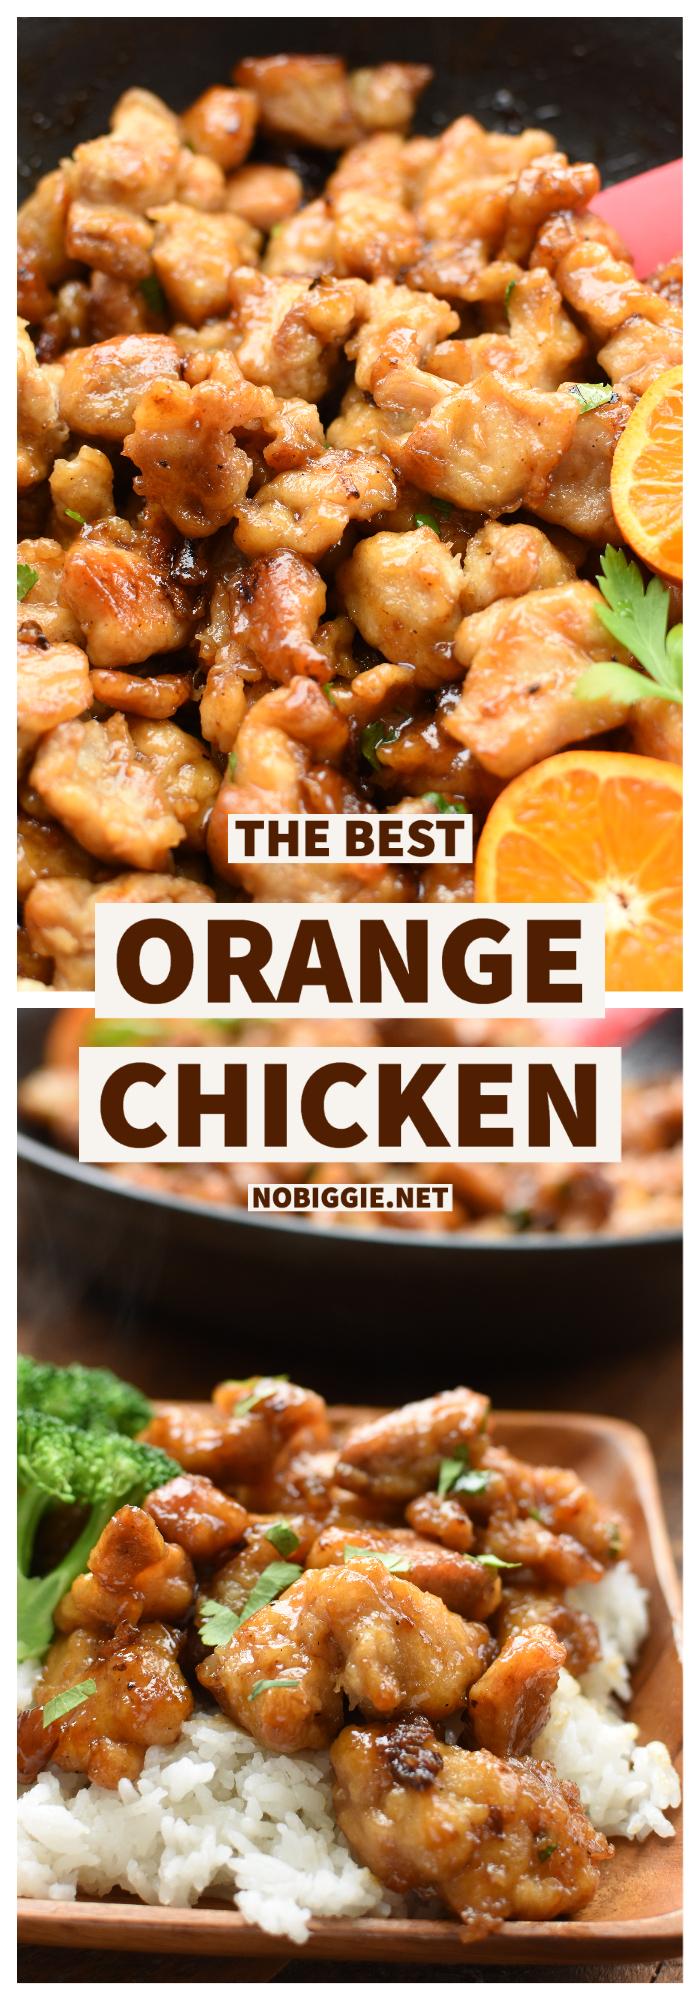 orange chicken copycat recipe | NoBiggie.net